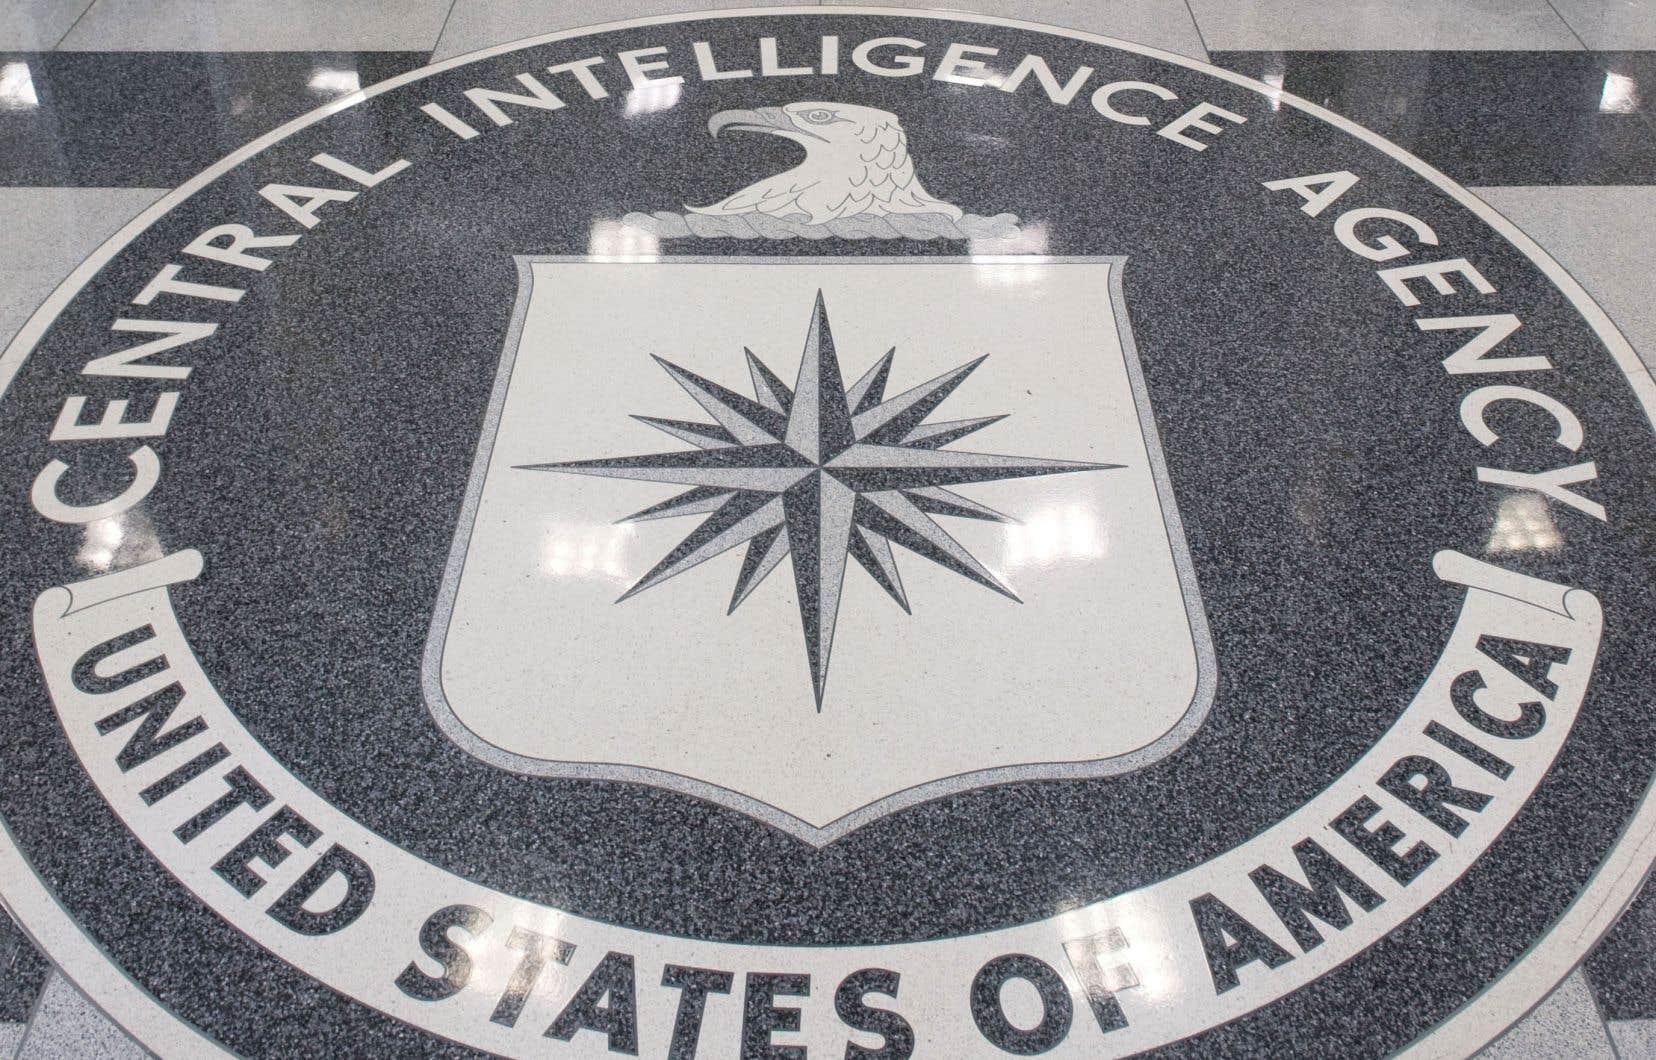 La Central Intelligence Agency fut créée en 1947. Elle occupe une centaine d'hectares dans les bois de Langley en Virginie.